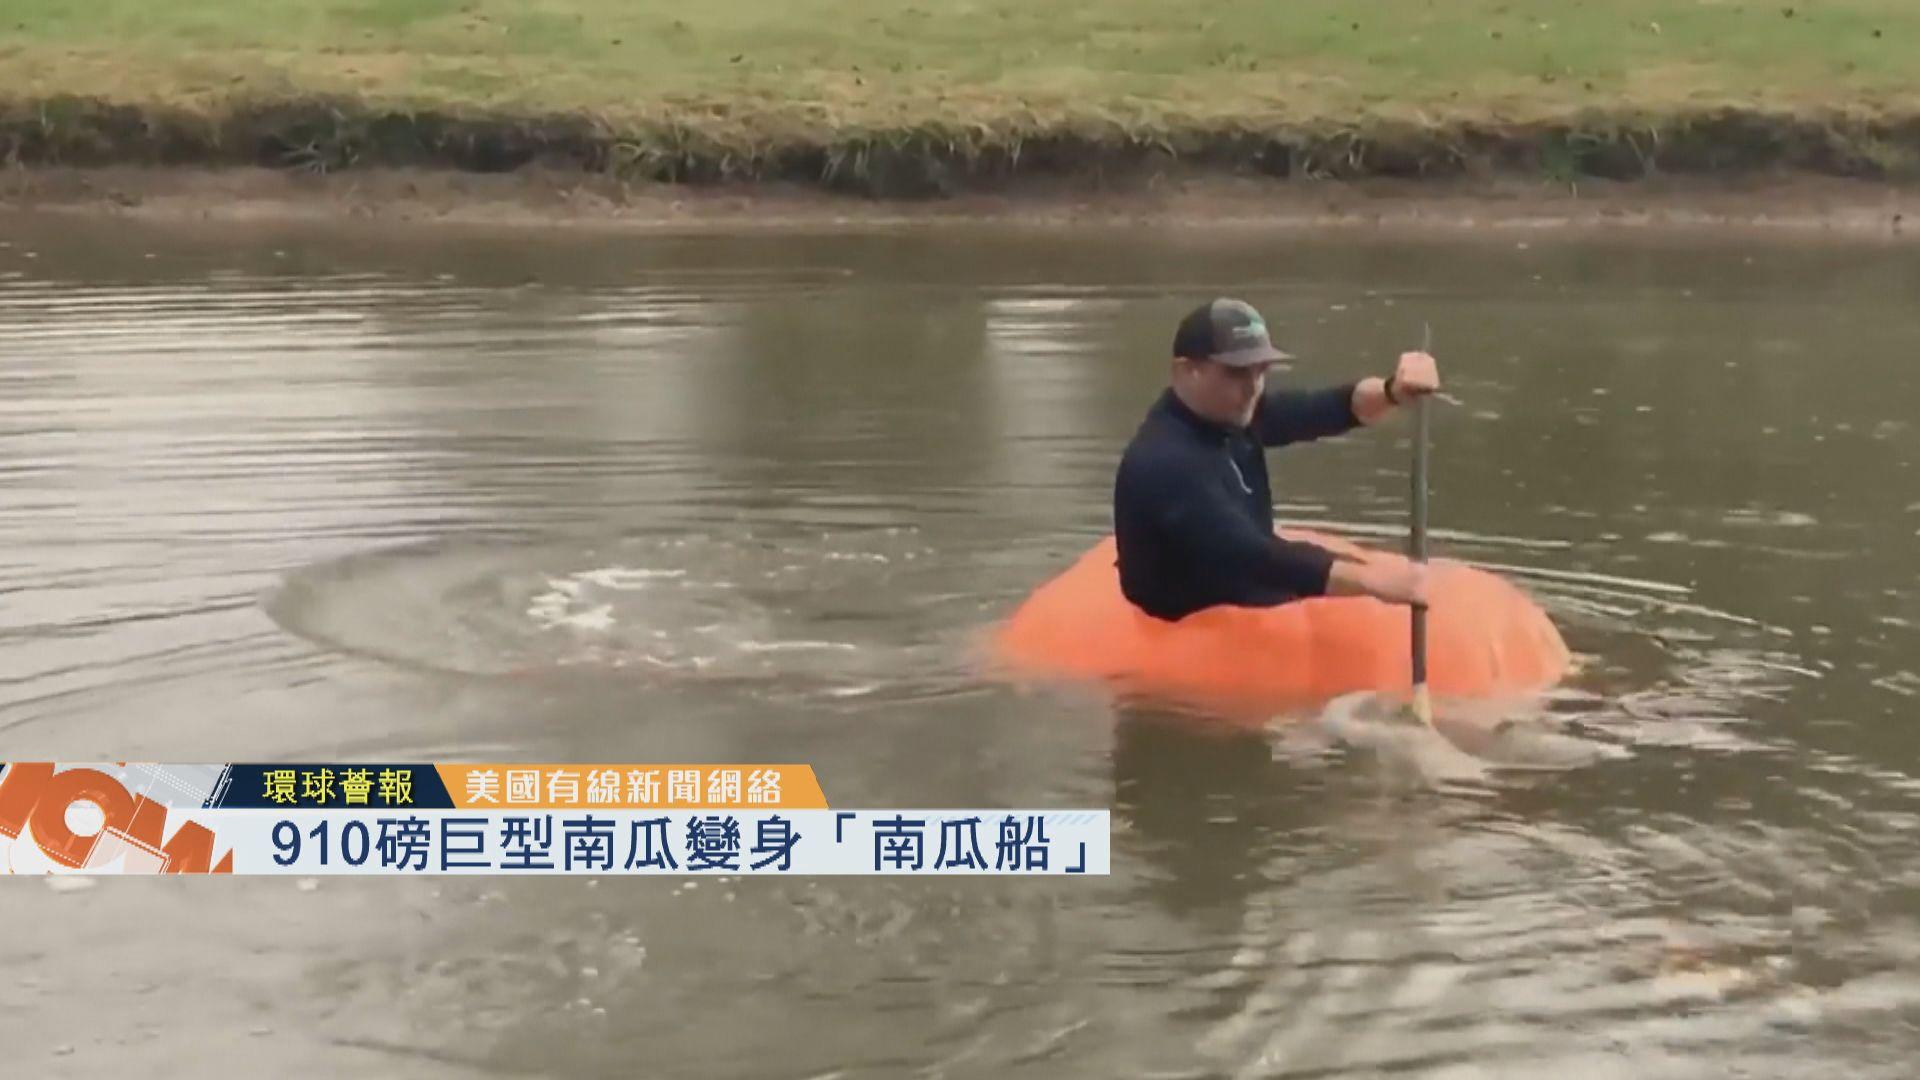 【環球薈報】910磅巨型南瓜變身「南瓜船」